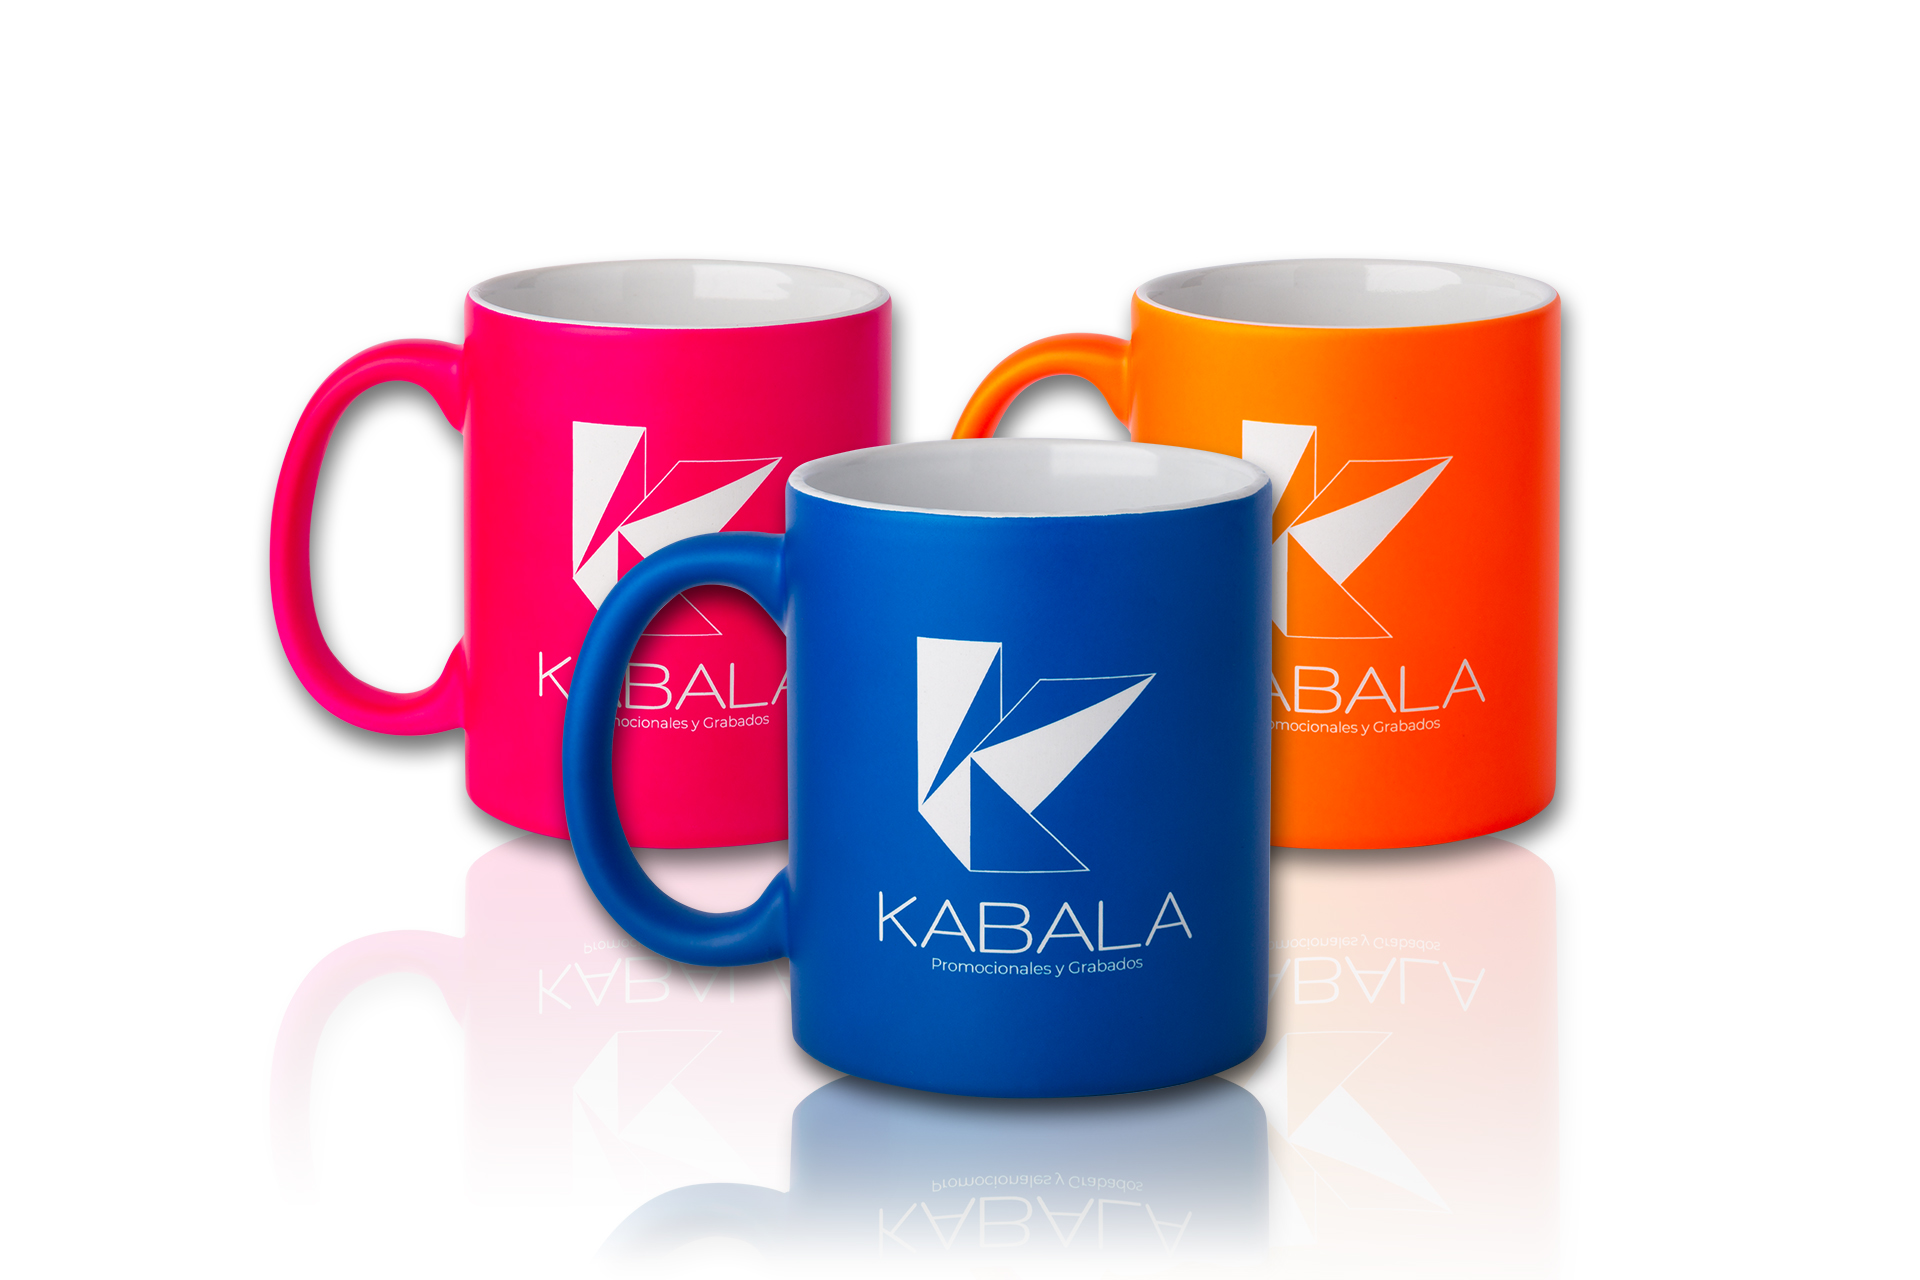 CatalogoKabala-3Extra